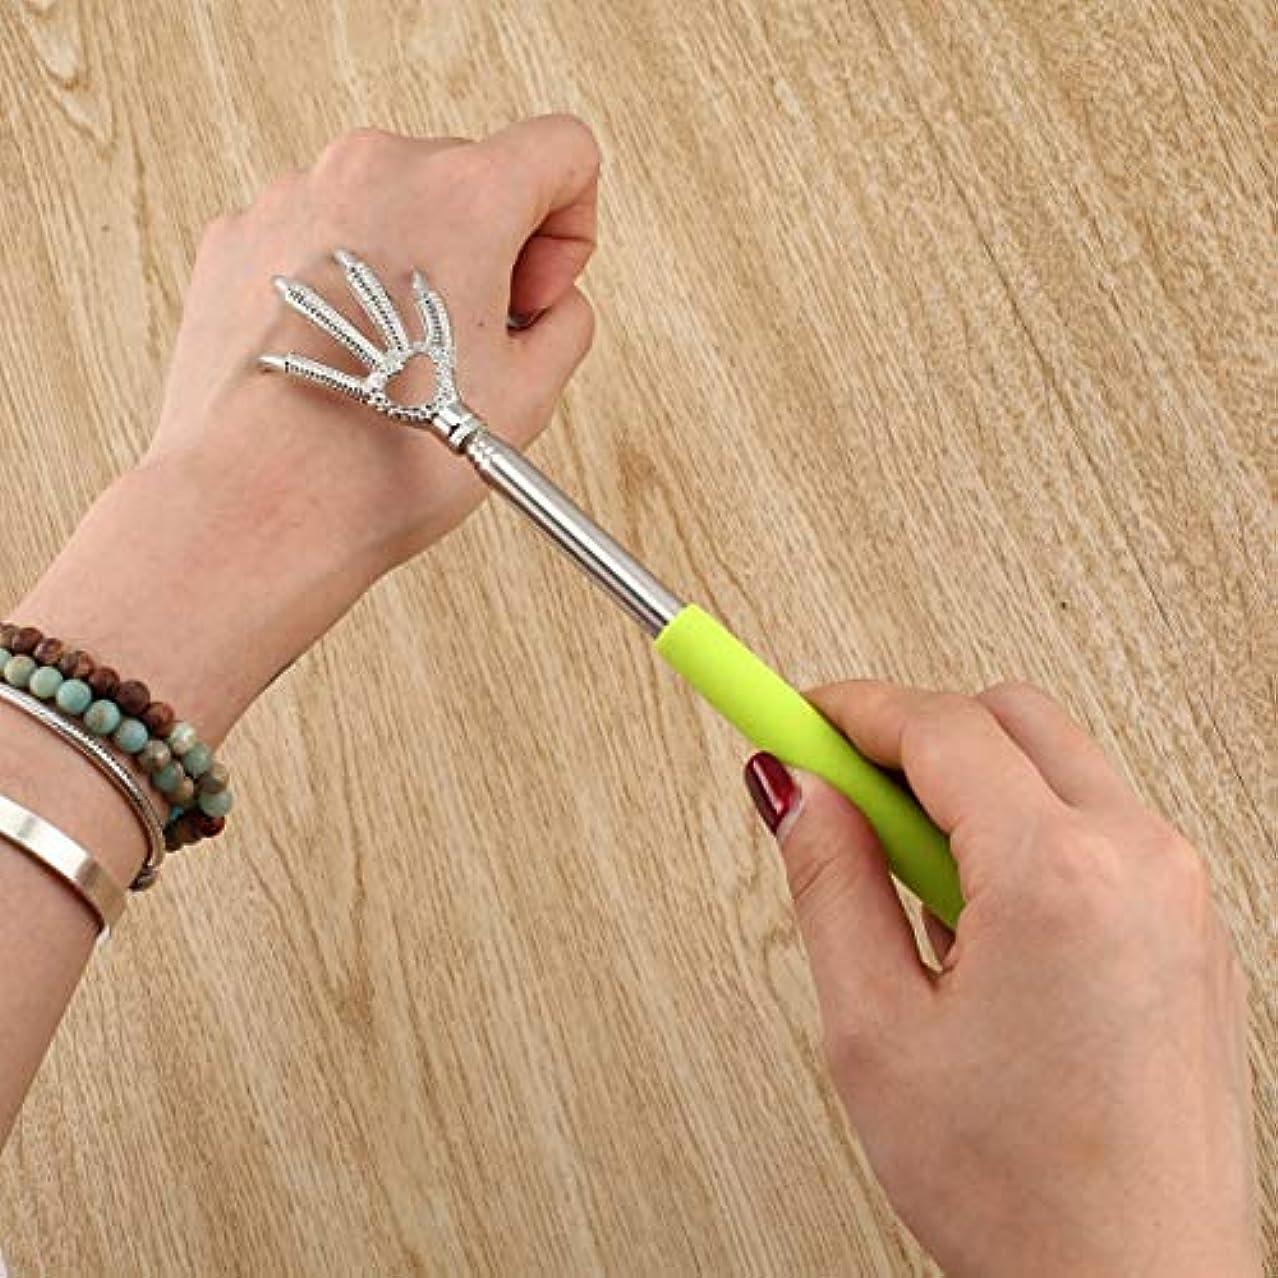 堂々たる睡眠情緒的Compact Telescopic Claw Stainless Steel Massager Back Scratcher 22-58cm Adjustable Back Scratching Massage Hand...